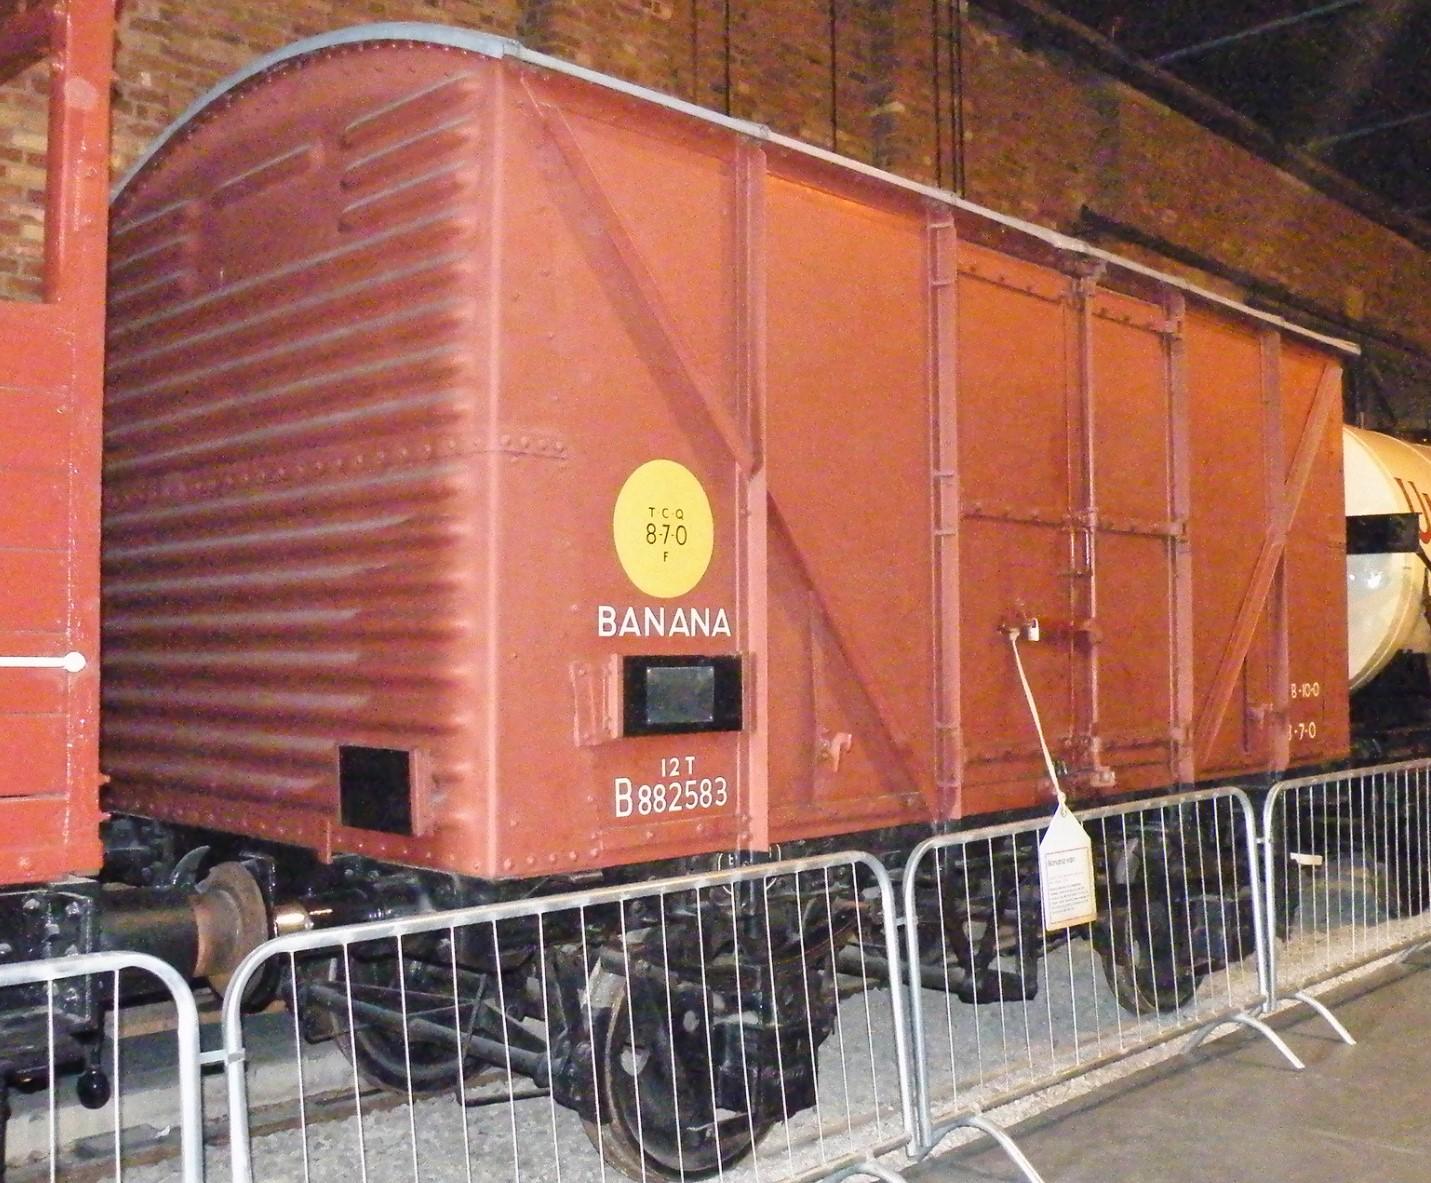 882583 at the National Railway Museum in June 2012. ©Dan Adkins